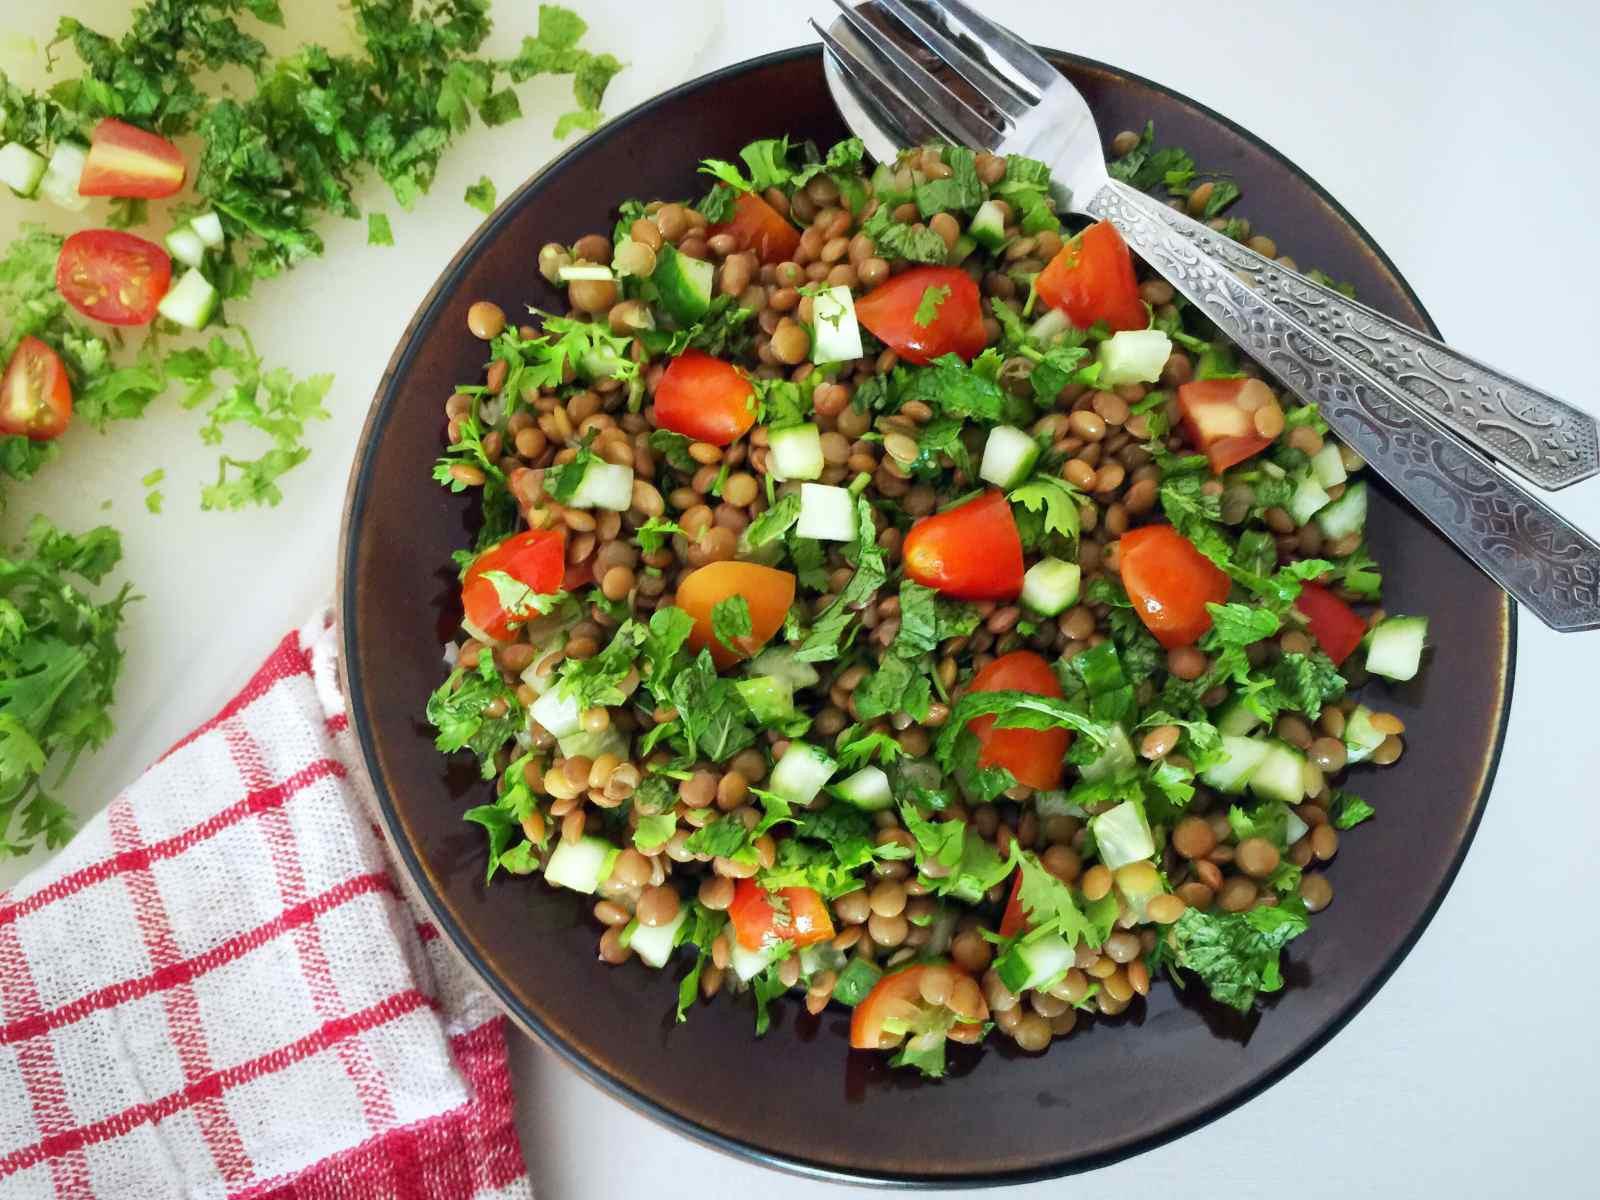 Middle Eastern Salad Recipes  Lentil Tabbouleh Recipe Middle Eastern Ve arian Salad